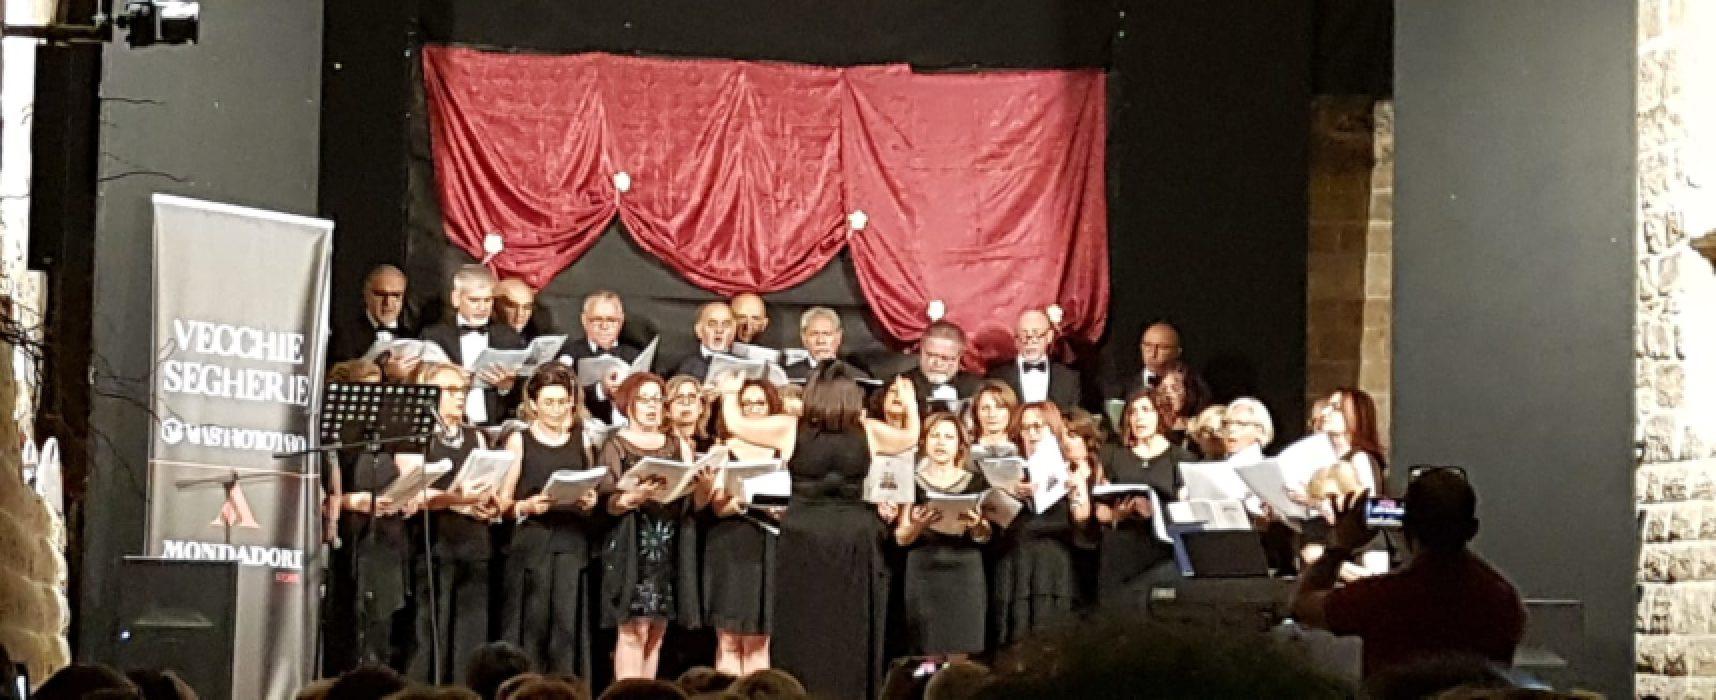 New Chorus emoziona con le più belle canzoni della tradizione napoletana / FOTO